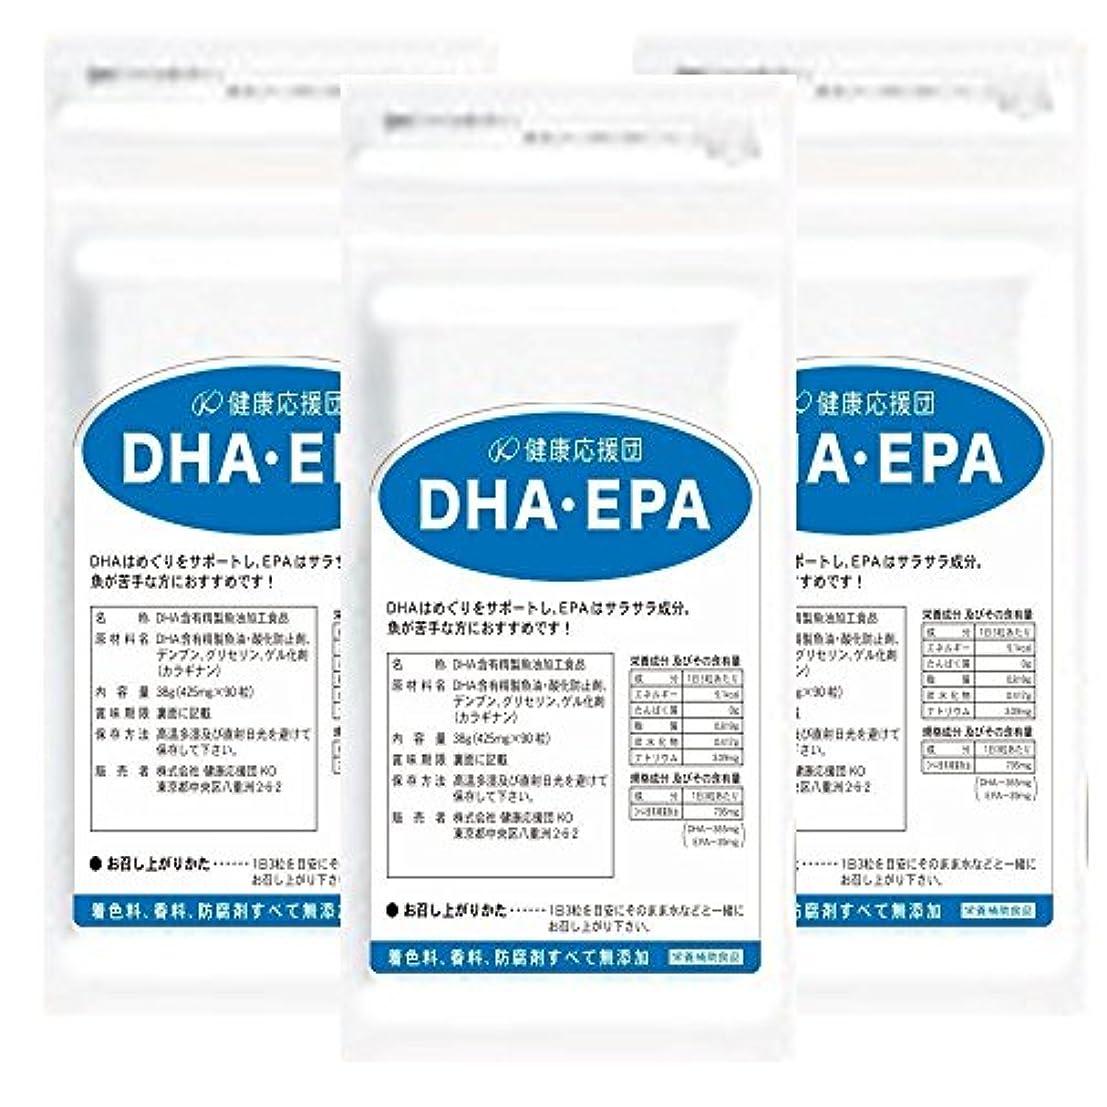 バット器用ケーキ健康応援団 お徳用DHA(3か月)3袋270粒(植物性ソフトカプセル)